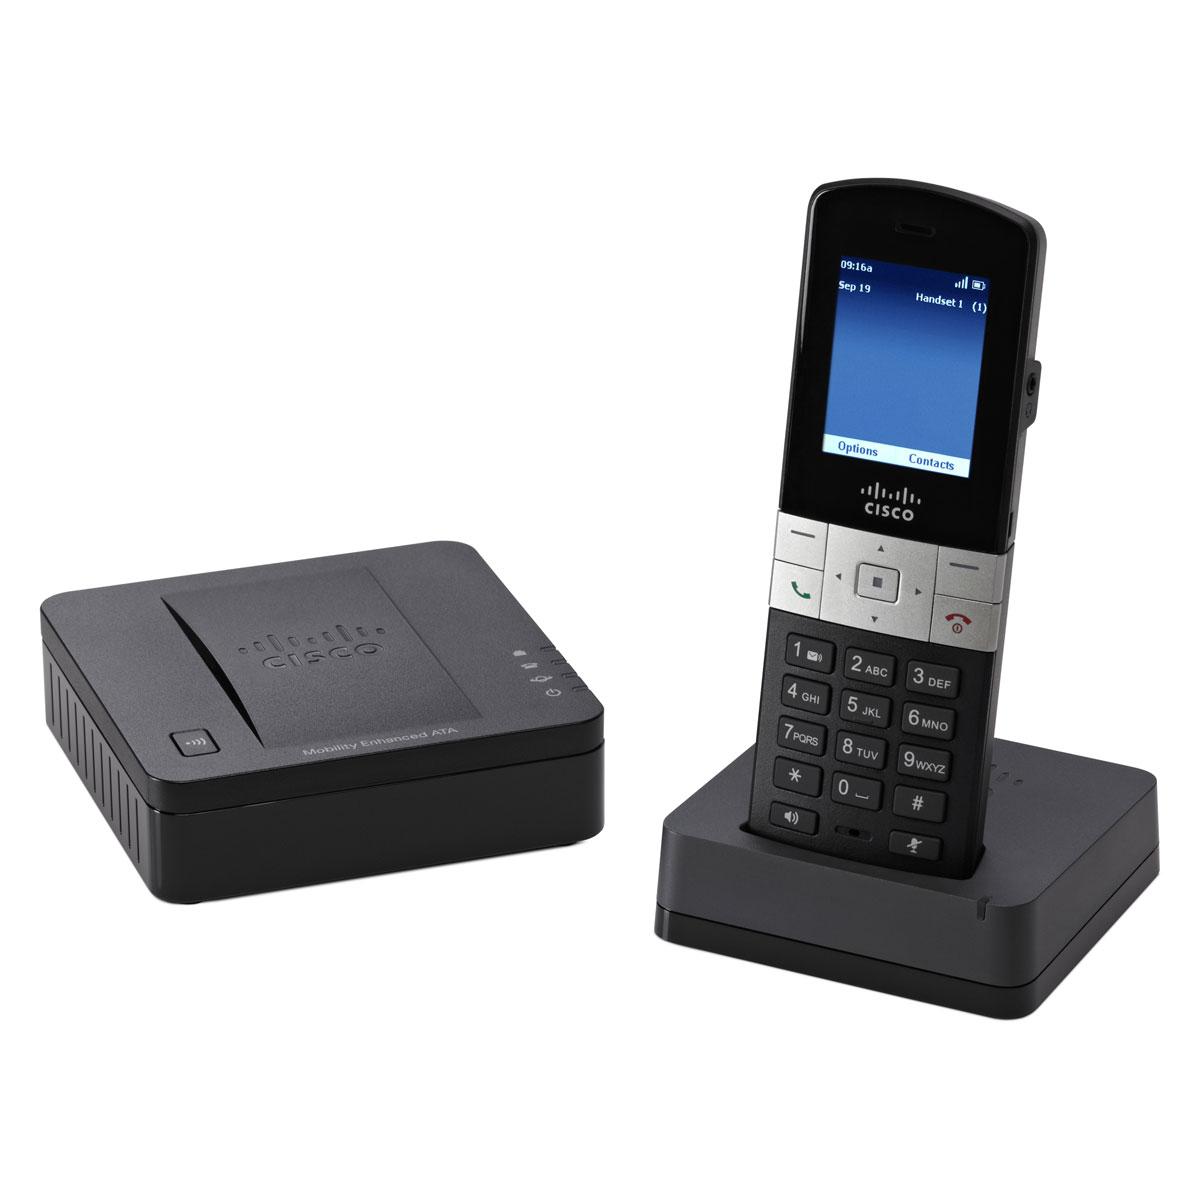 Téléphone sans fil Cisco Small Business SPA302DKIT Combiné téléphonique sans fil DECT + Adaptateur VoIP multi-ligne DECT